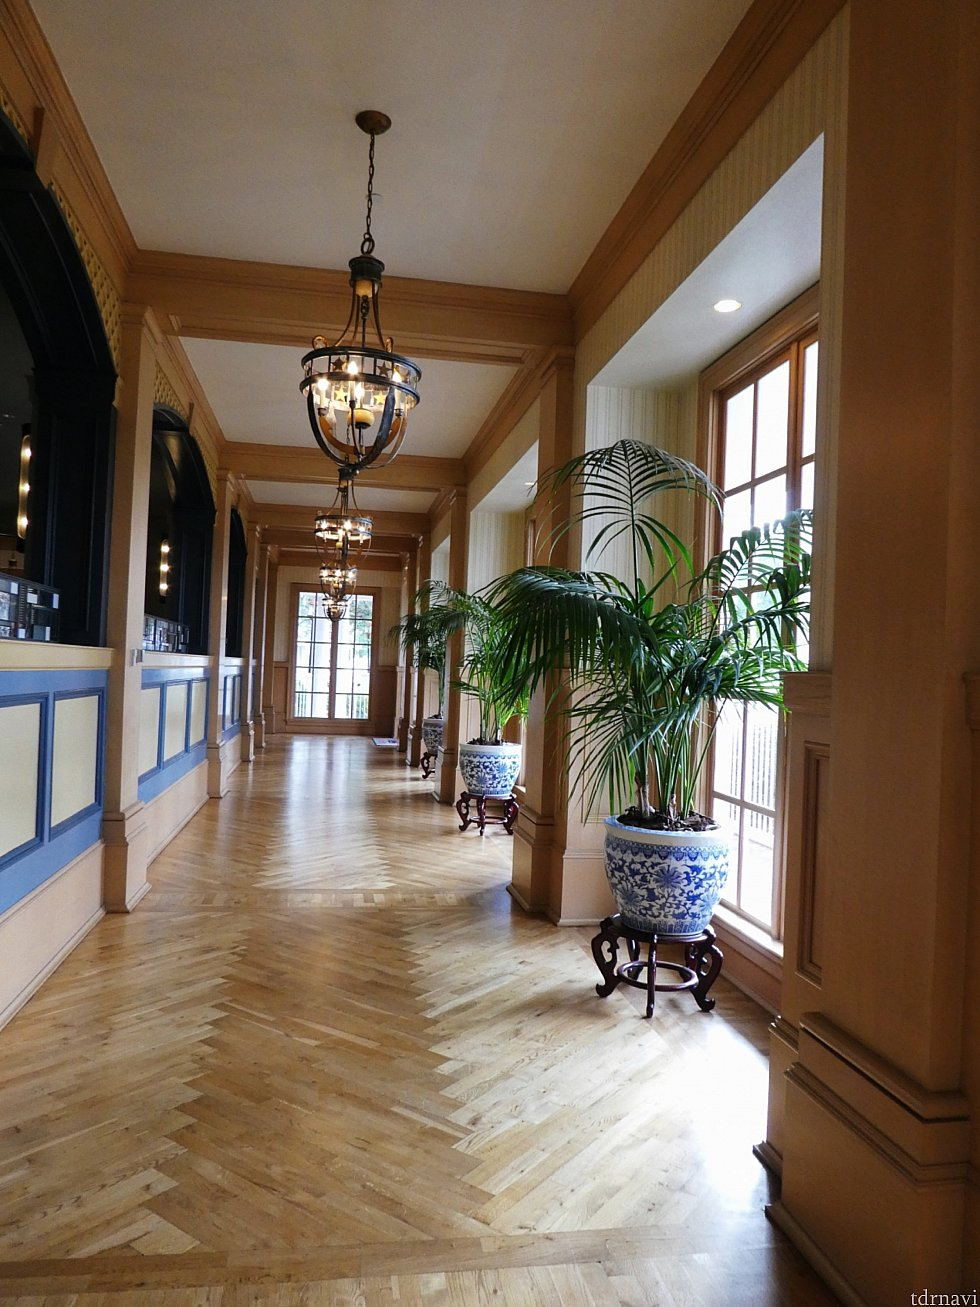 ヨットクラブのロビーを抜け、素敵な廊下を通ってビーチクラブへ行くことができます。